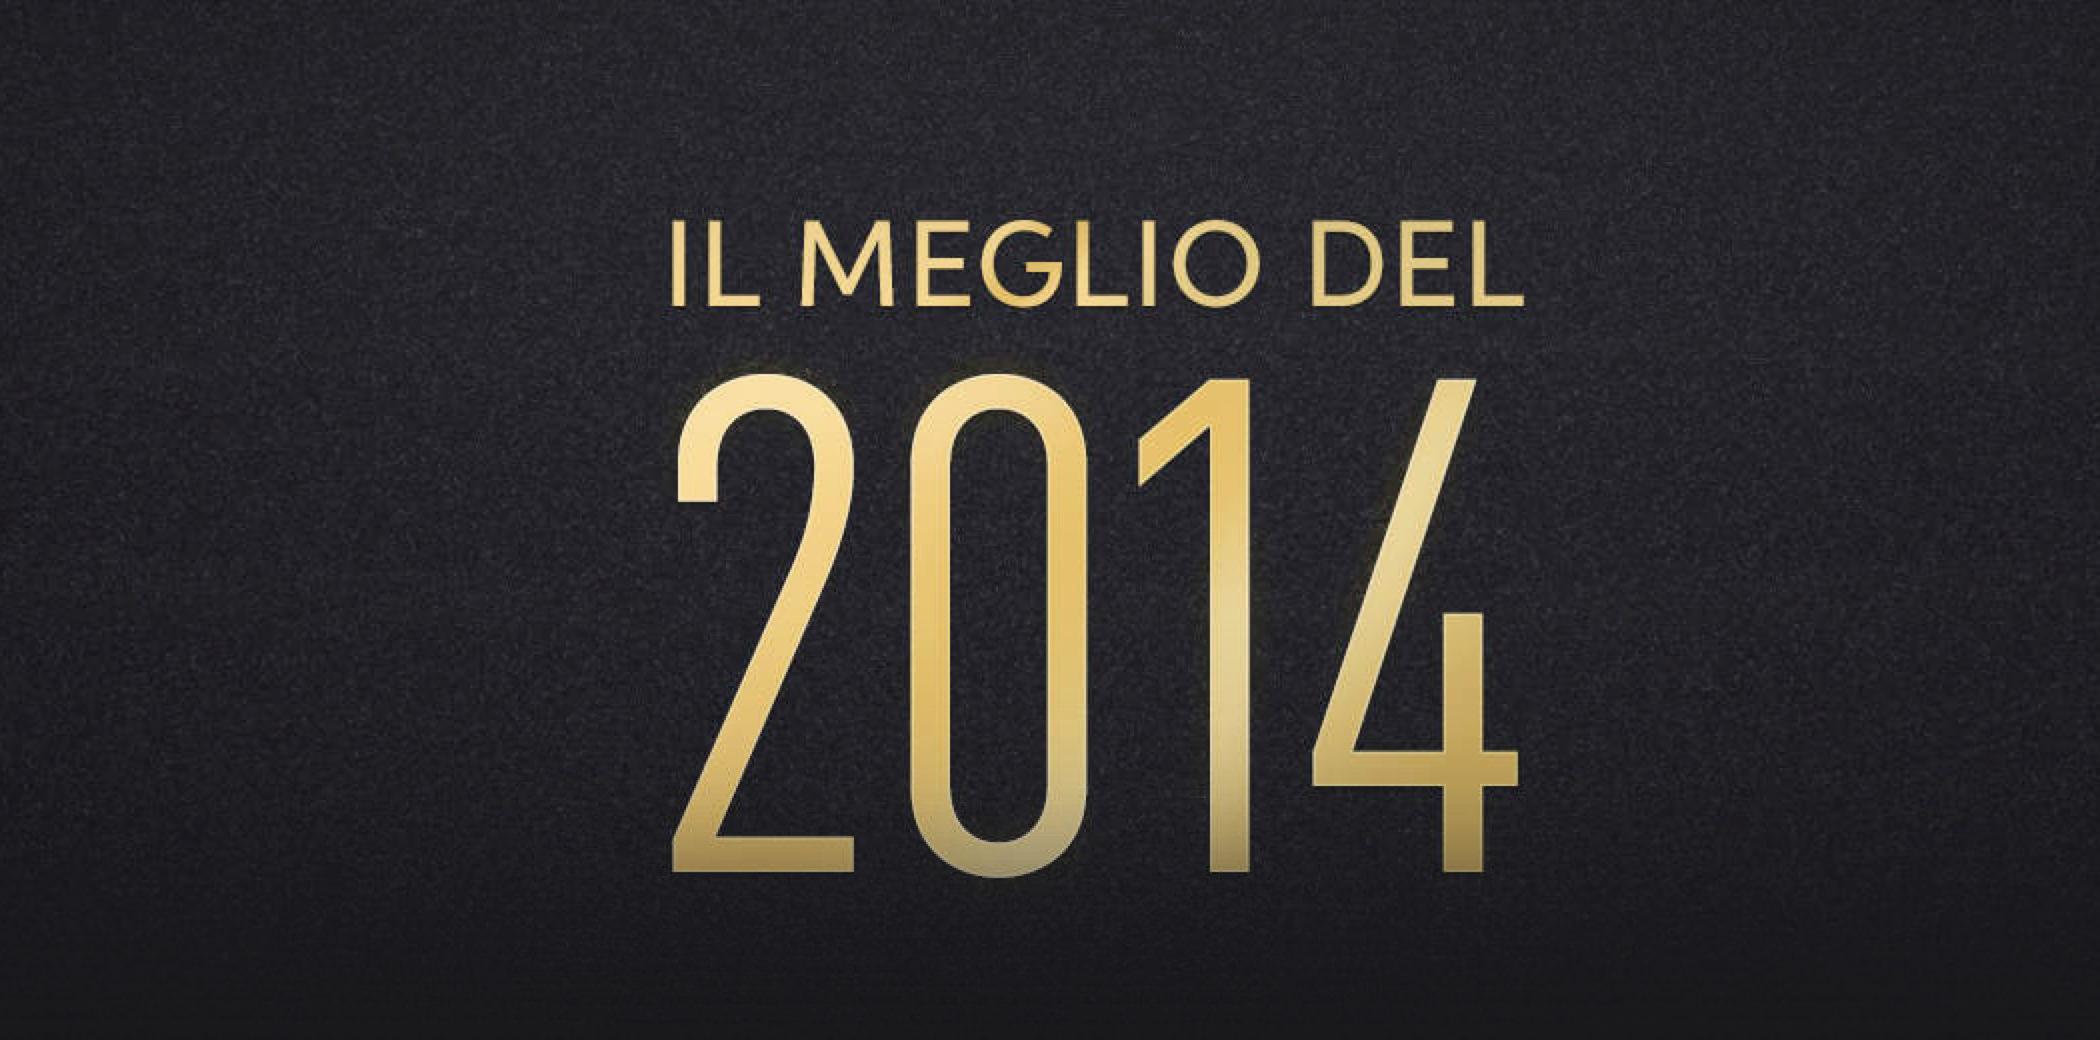 Apple Pubblica La Classifica Delle Migliori Applicazioni Dell'anno  #C79704 2100 1040 Classifica Delle Migliori Cucine Italiane